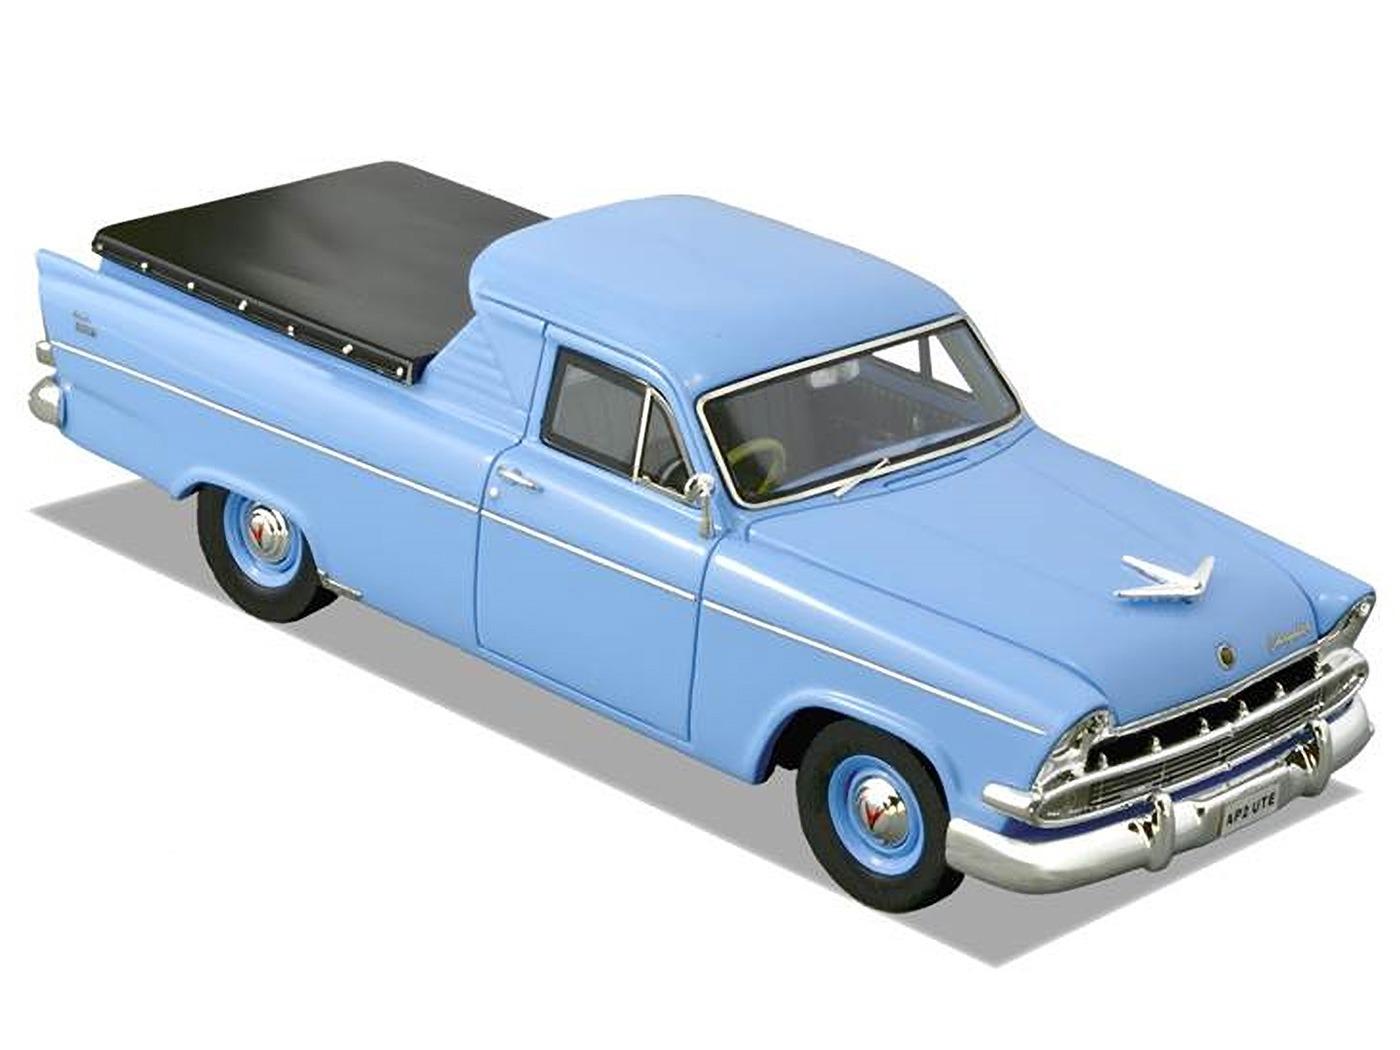 Chrysler AP2 Ute – Bedford Blue